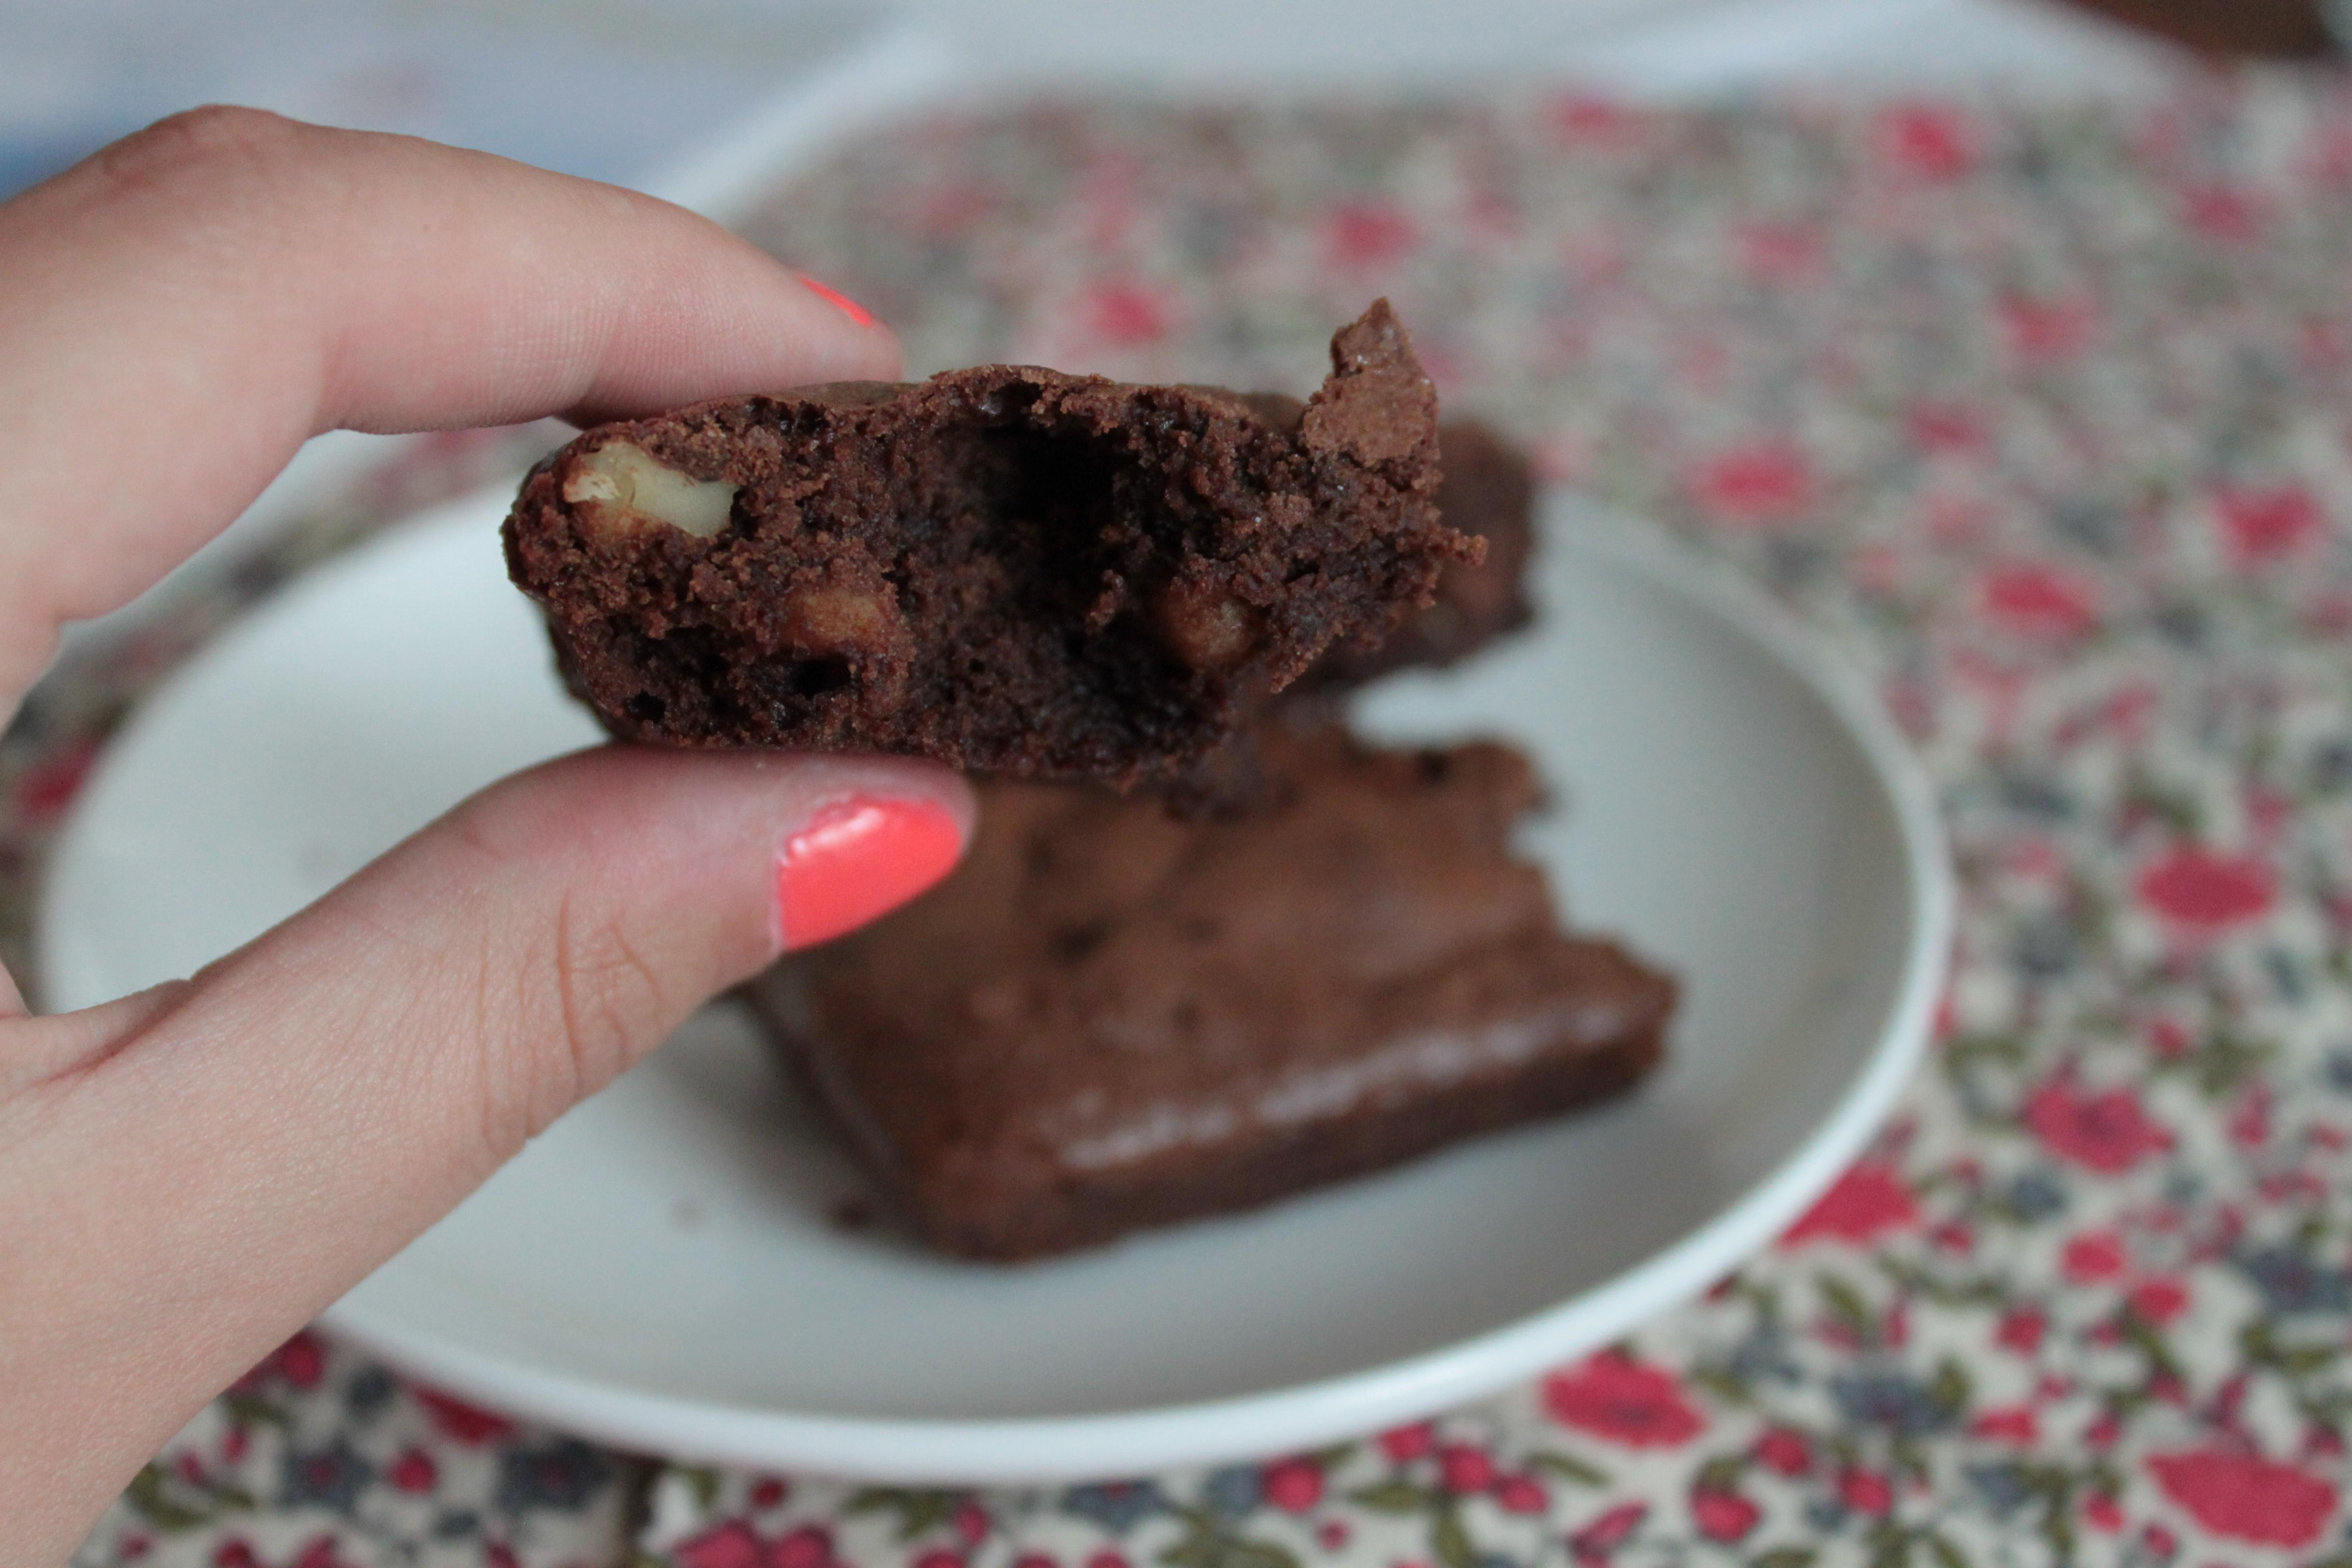 Cuisiner pour ses amis 2 le g teau au chocolat intense for Cuisiner pour des amis